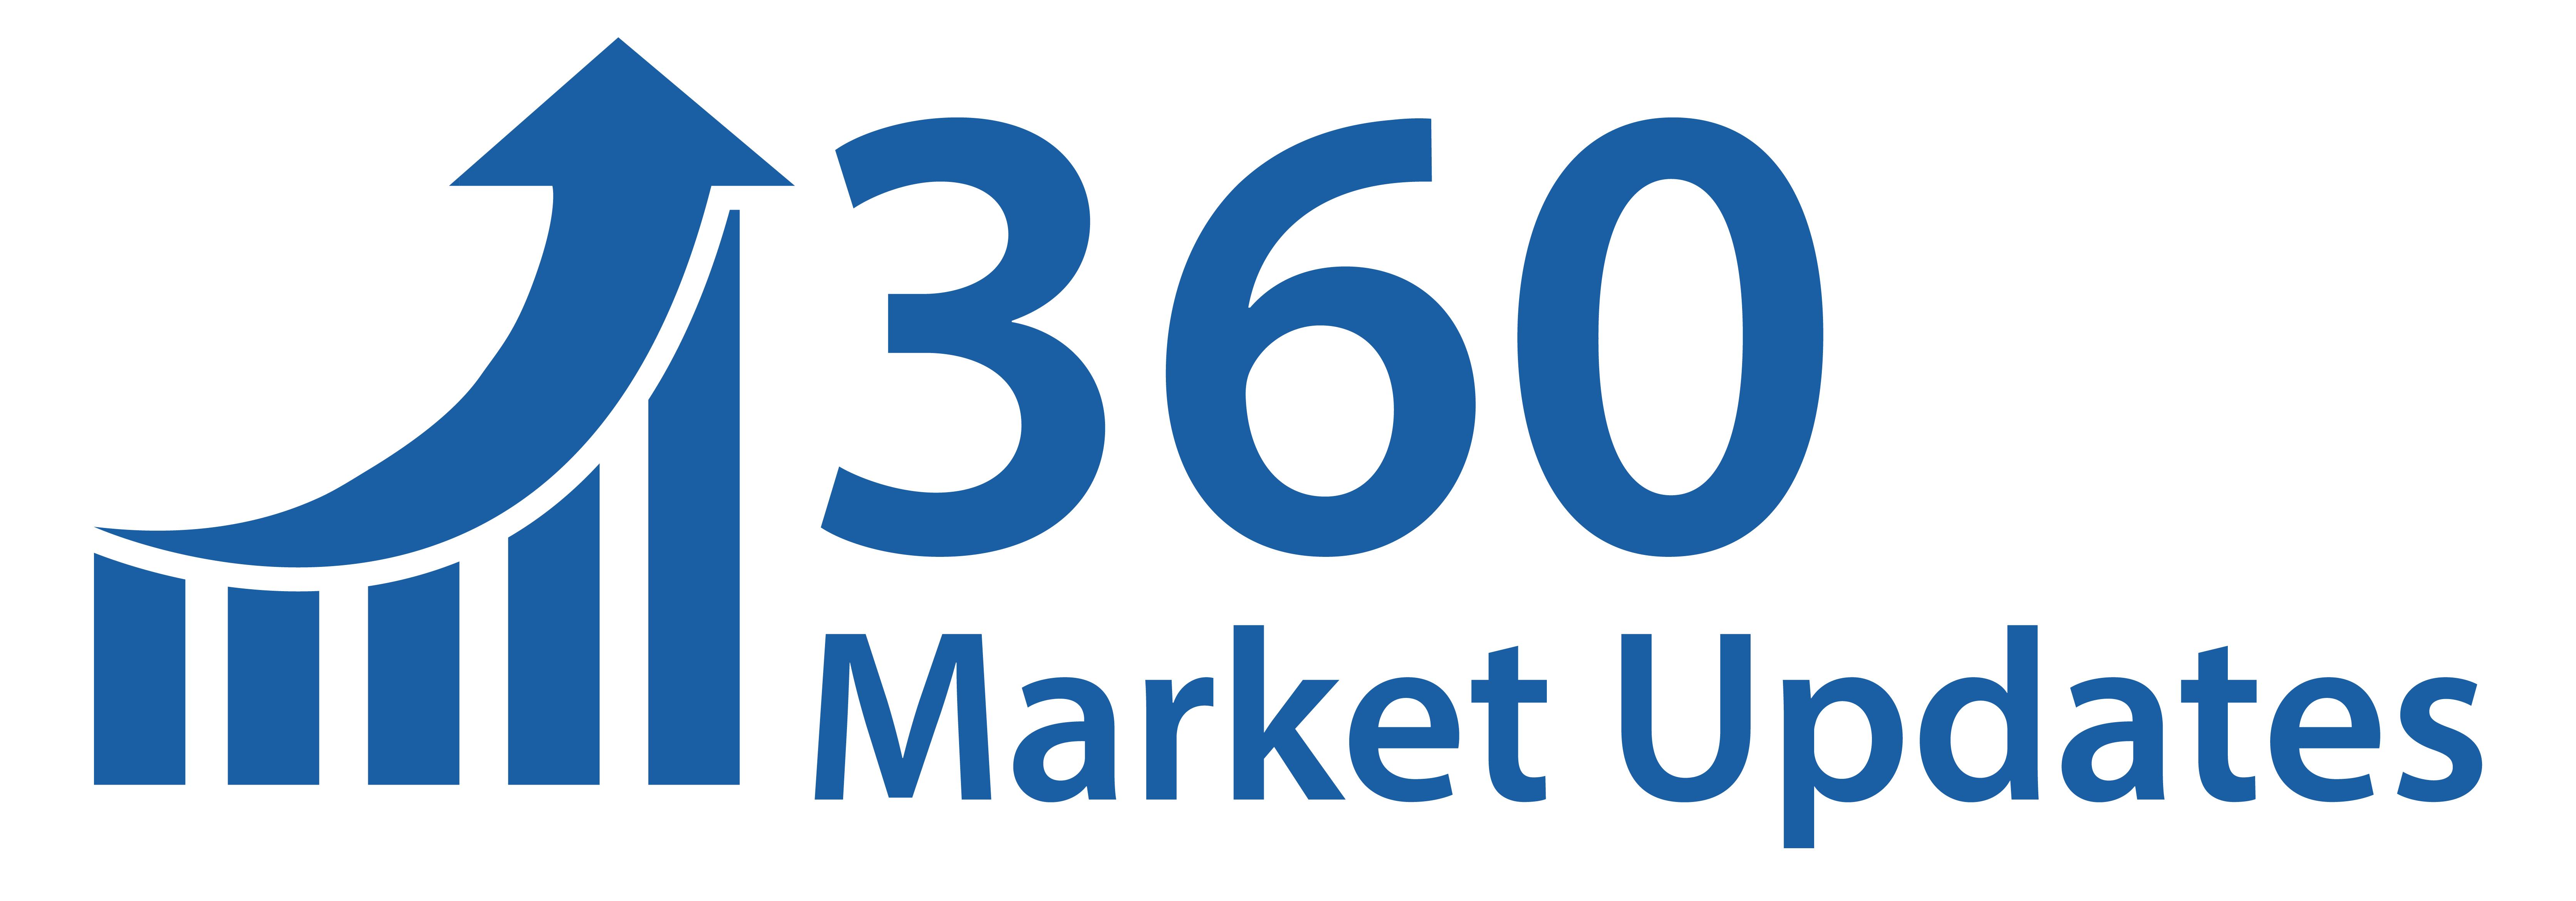 Sodium Lauroyl Isethionate Market 2020 – Demanda de la industria, Acciones, Tamaño, Planes de Tendencias Futuras, Oportunidades de Crecimiento, Actores Clave, Aplicación, Demanda, Informe de Investigación de la Industria por Pronóstico Regional a 2025